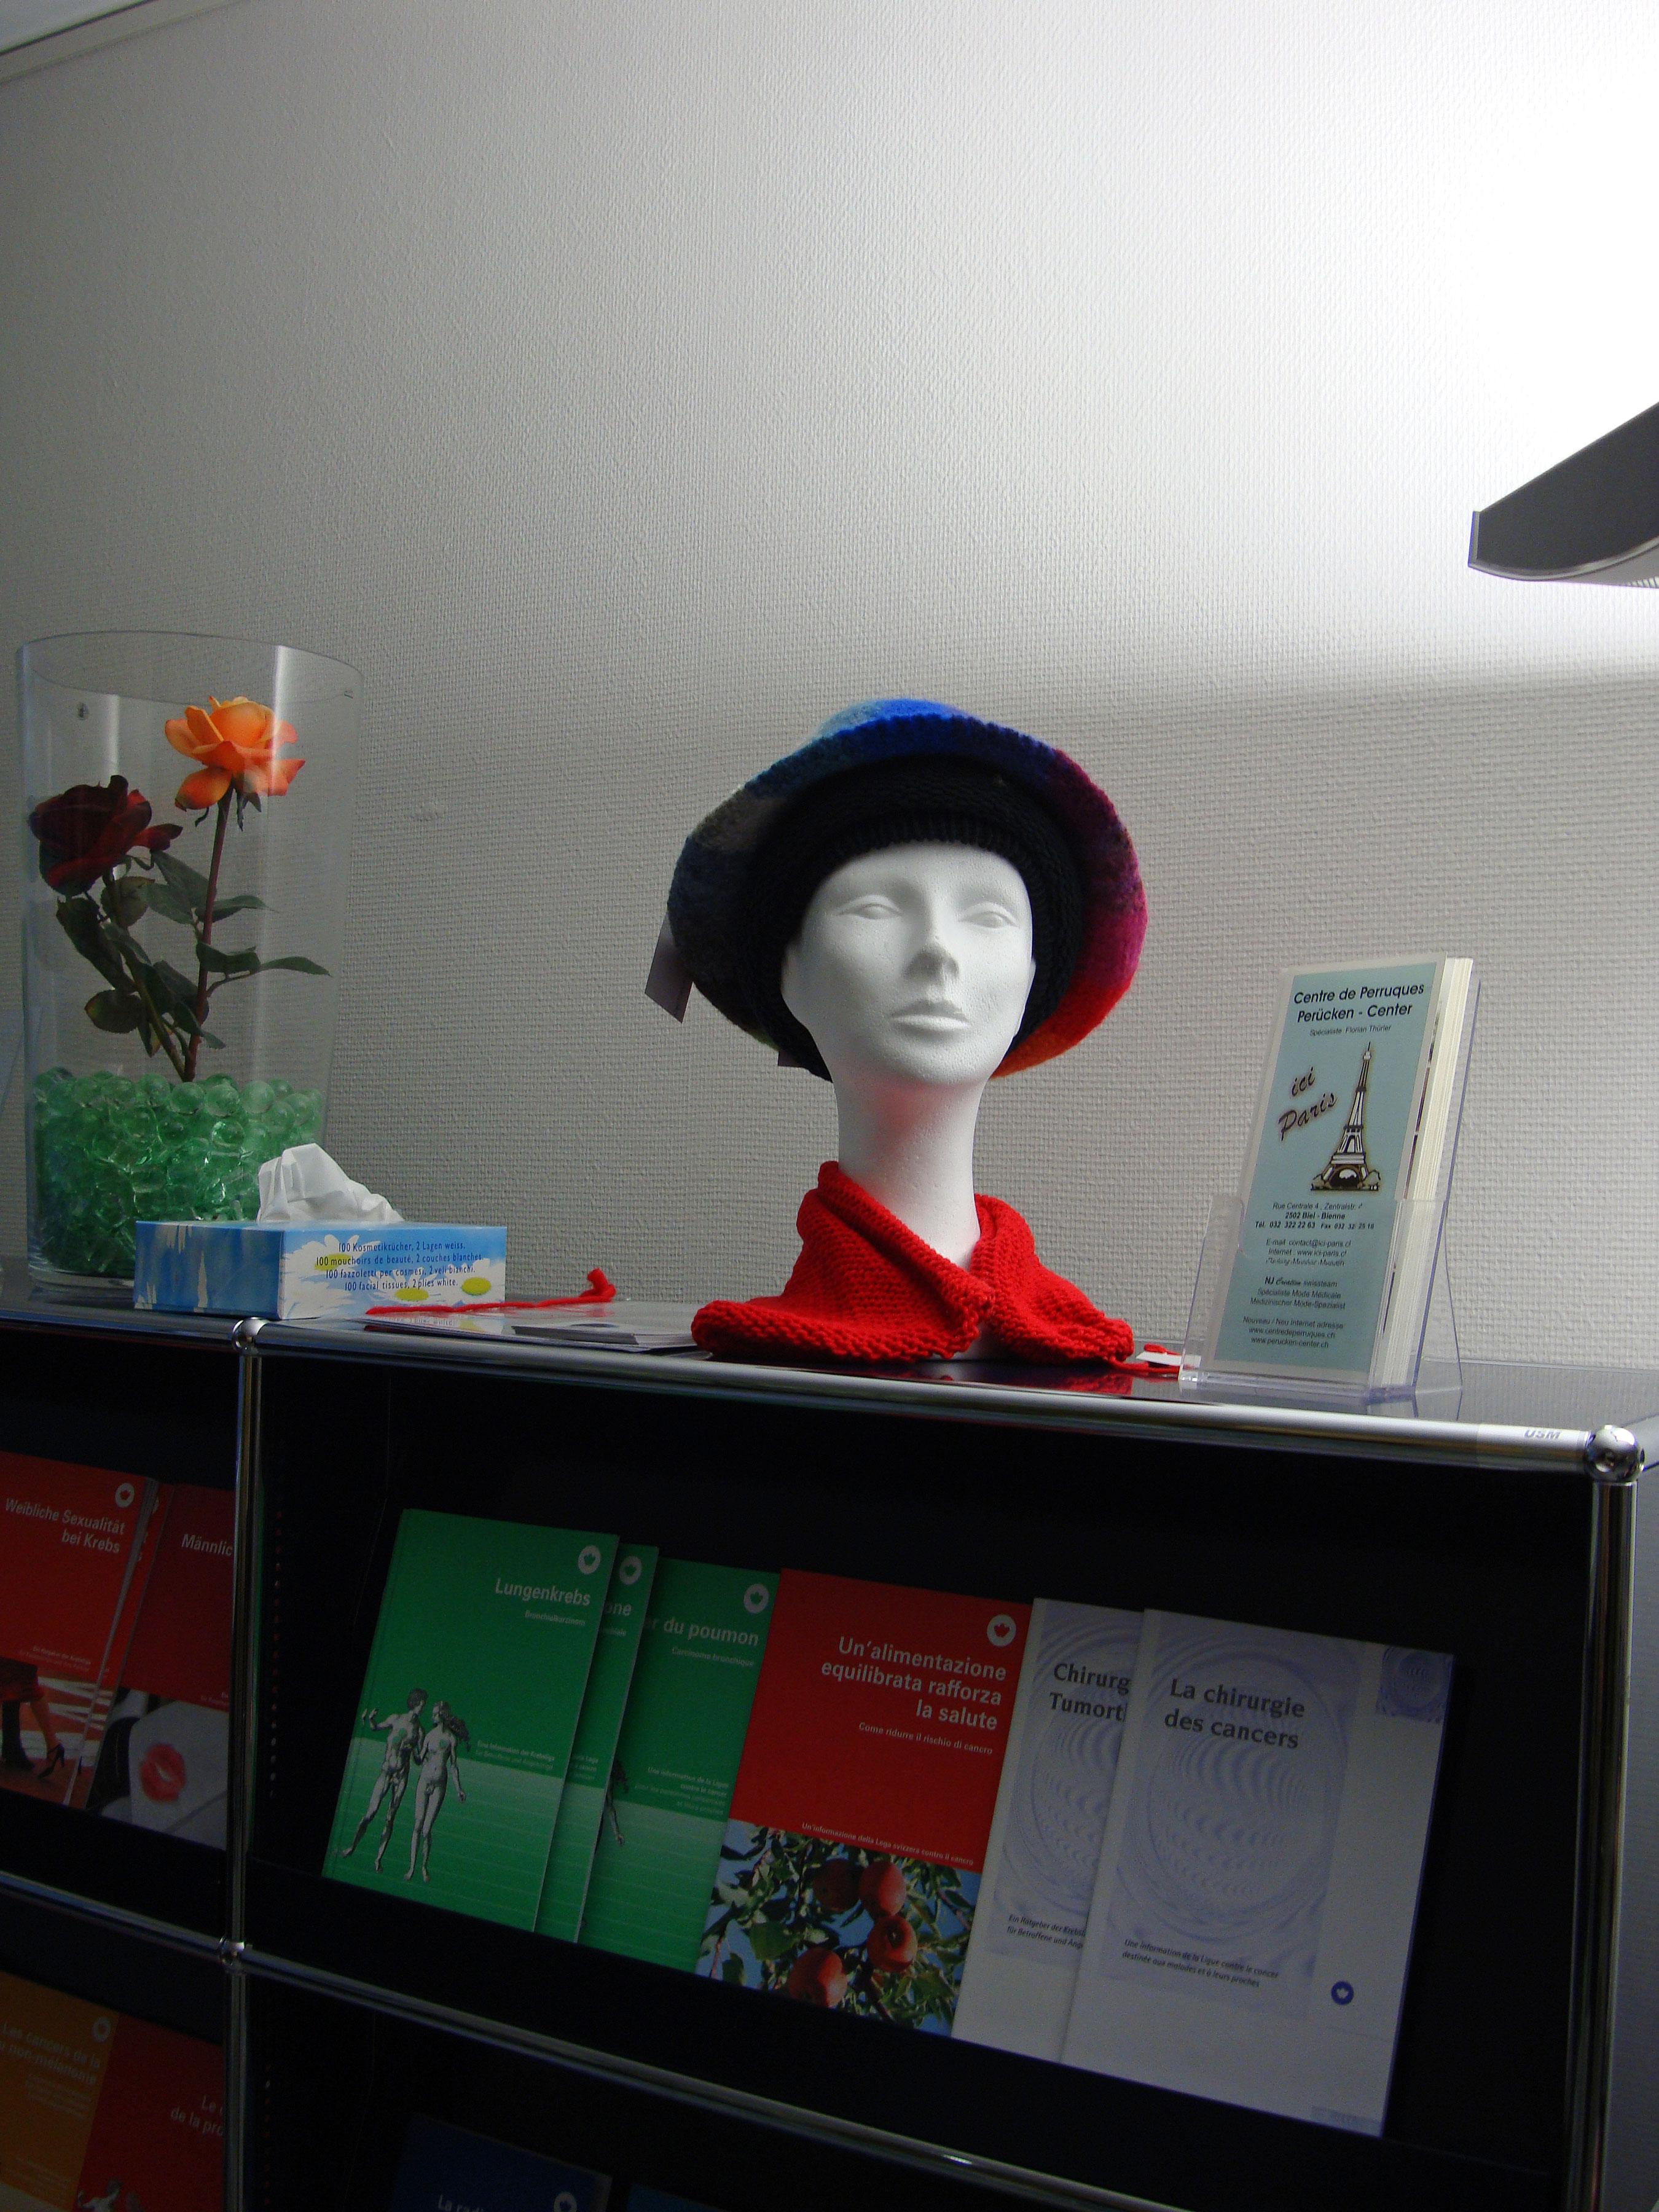 Fertig. Onkologie Klinik Linde in Biel